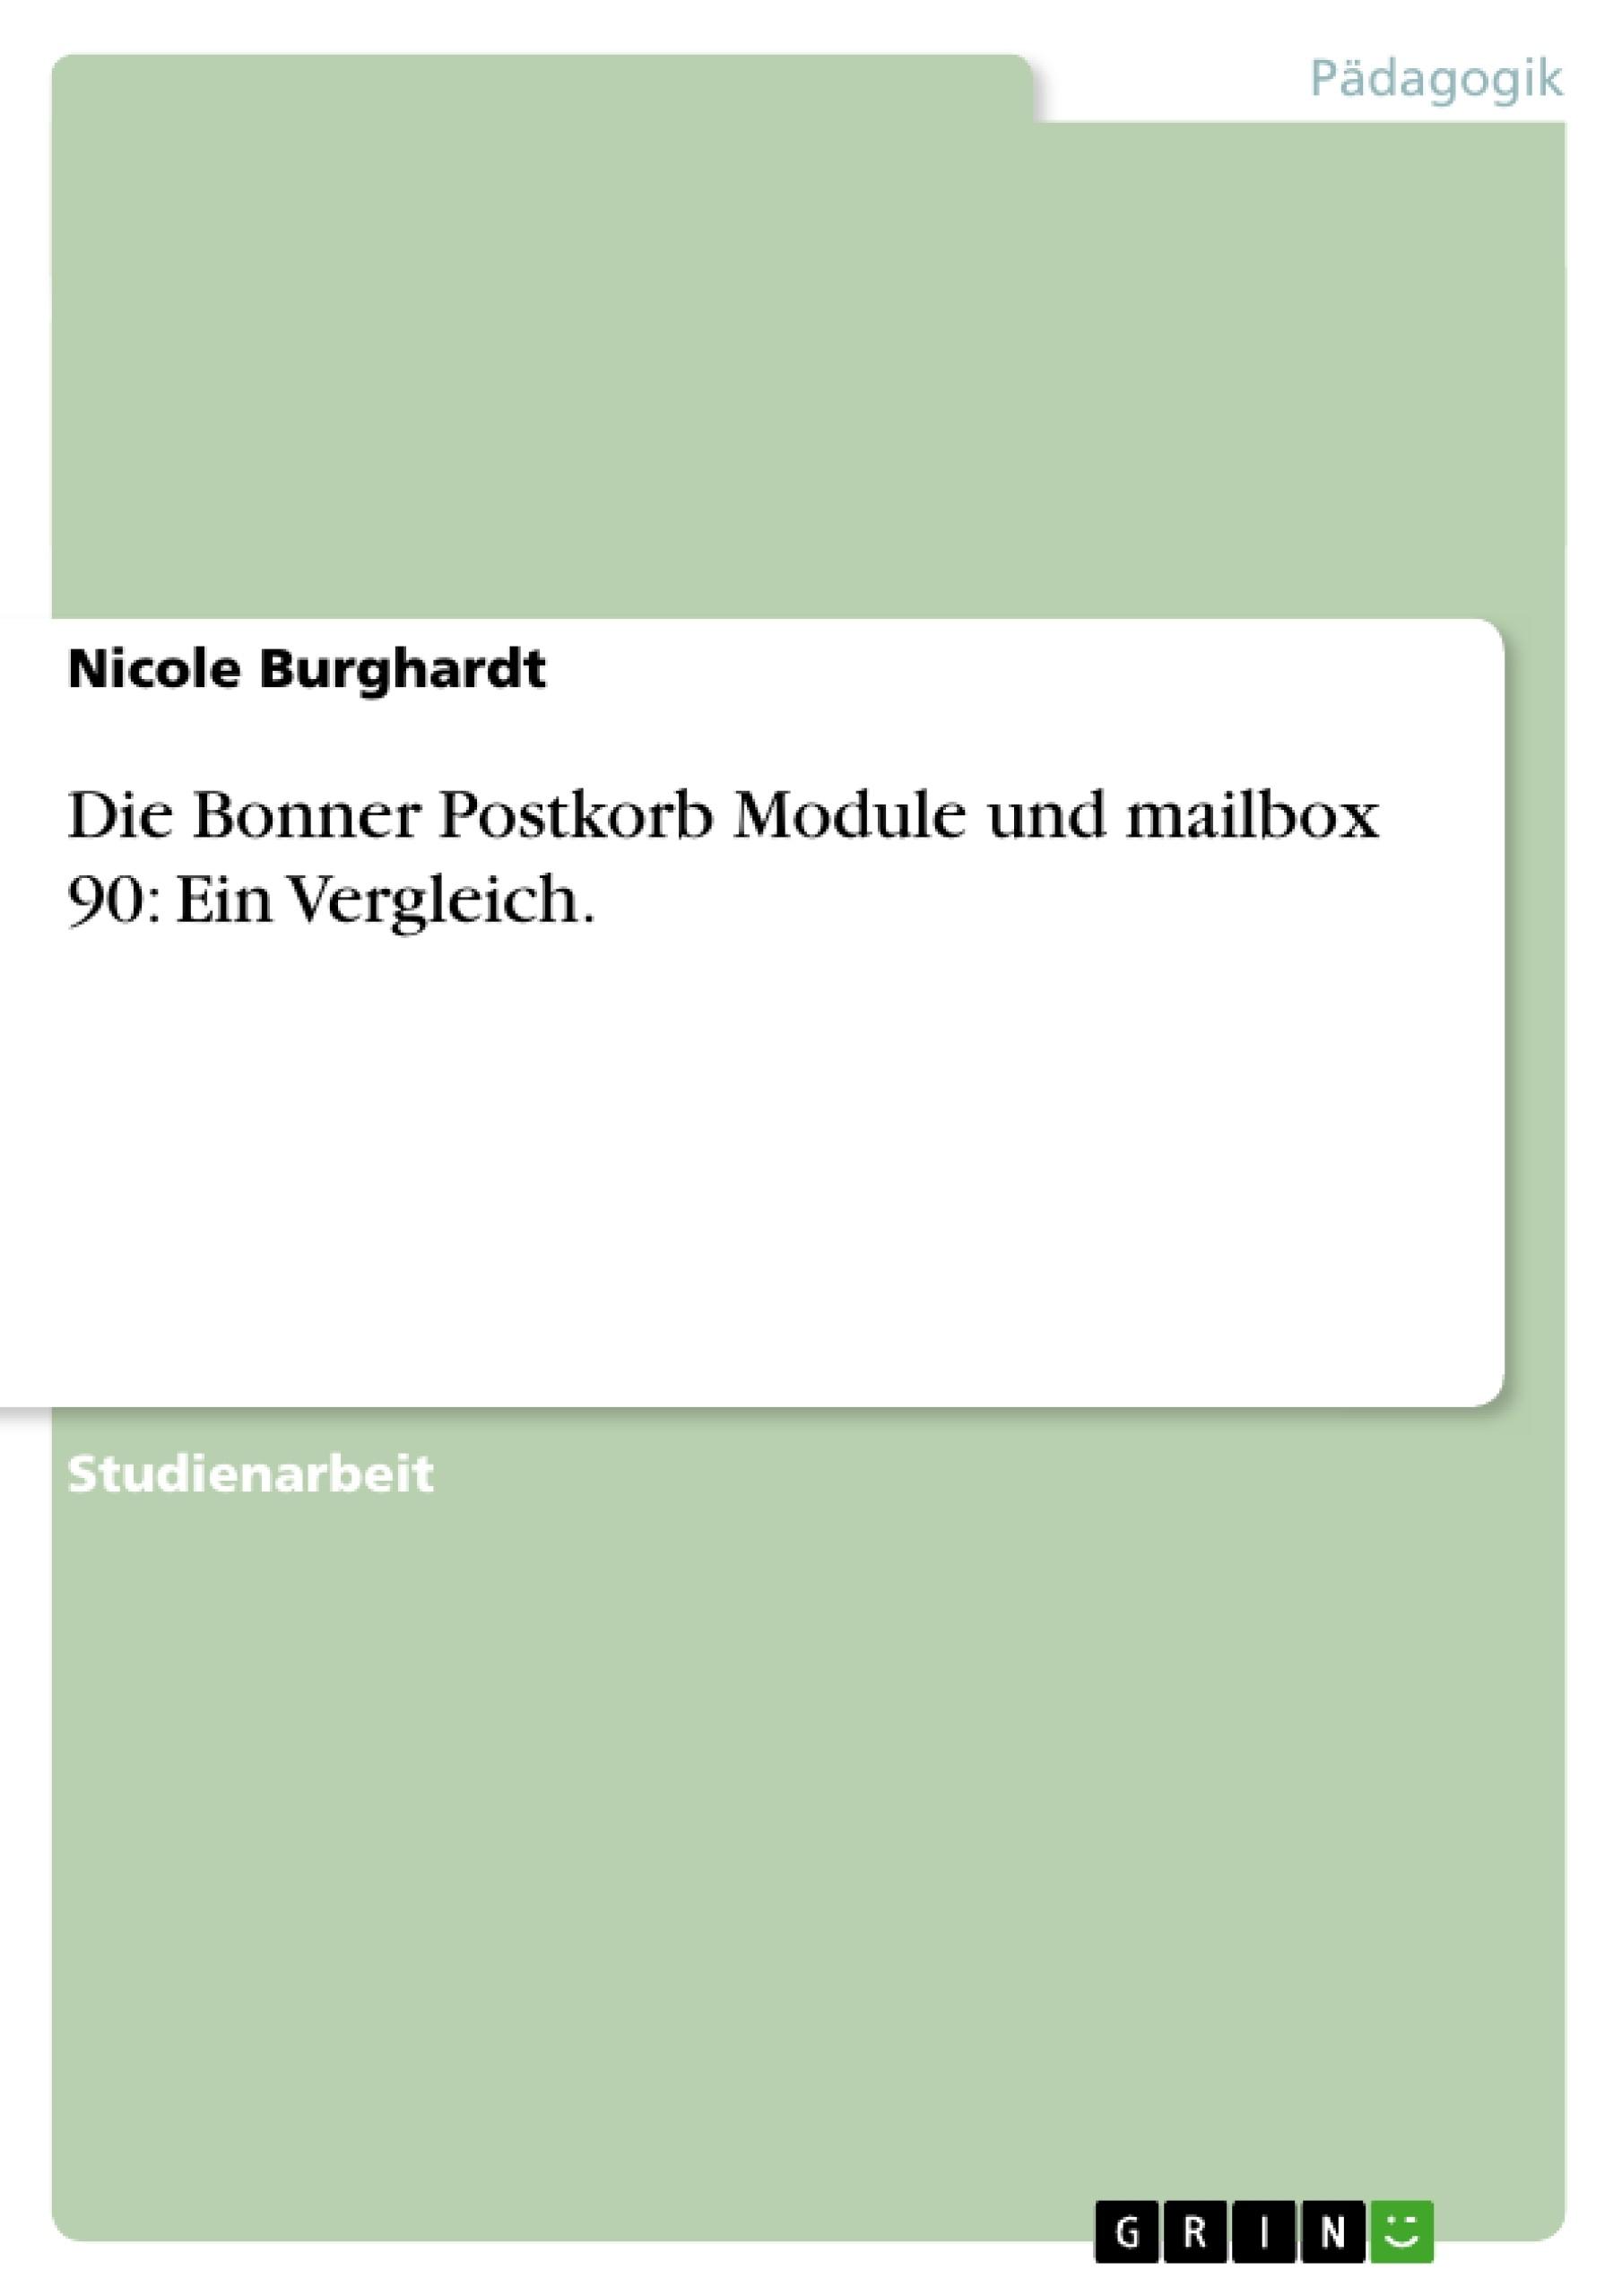 Titel: Die Bonner Postkorb Module und mailbox 90: Ein Vergleich.